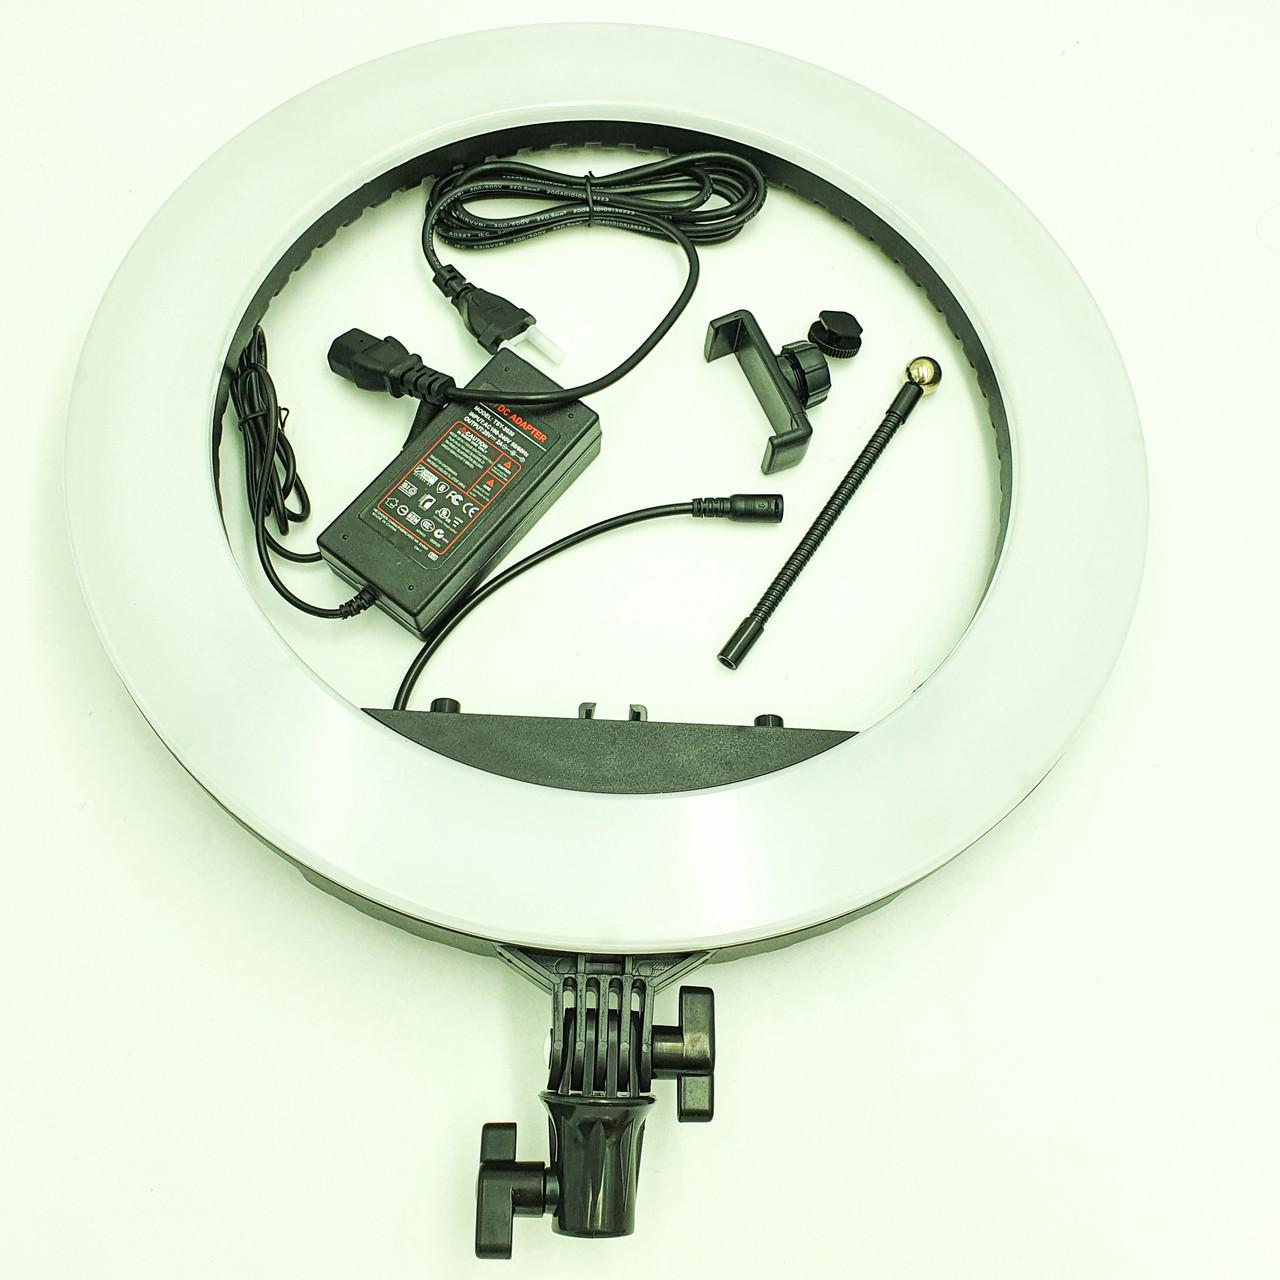 Кольцевая LED лампа 45 см 55W с держателем для телефона селфи кольцо блогера регулировка яркости и температуры